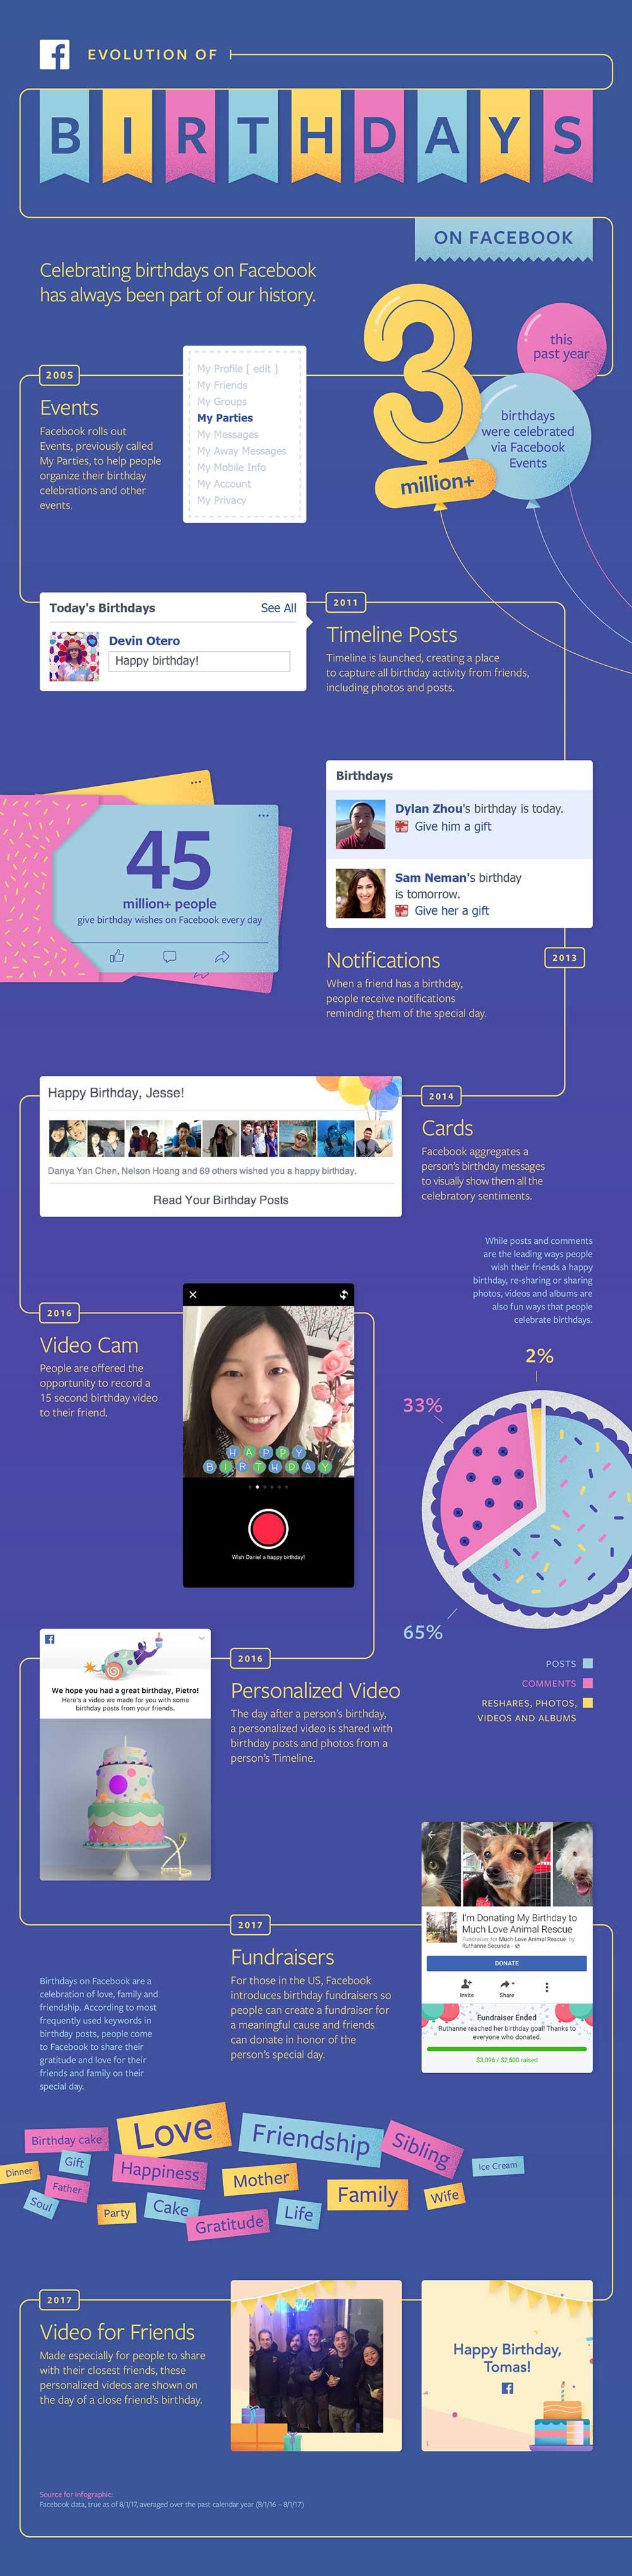 Infografia evoluzione del Compleanno su Facebook